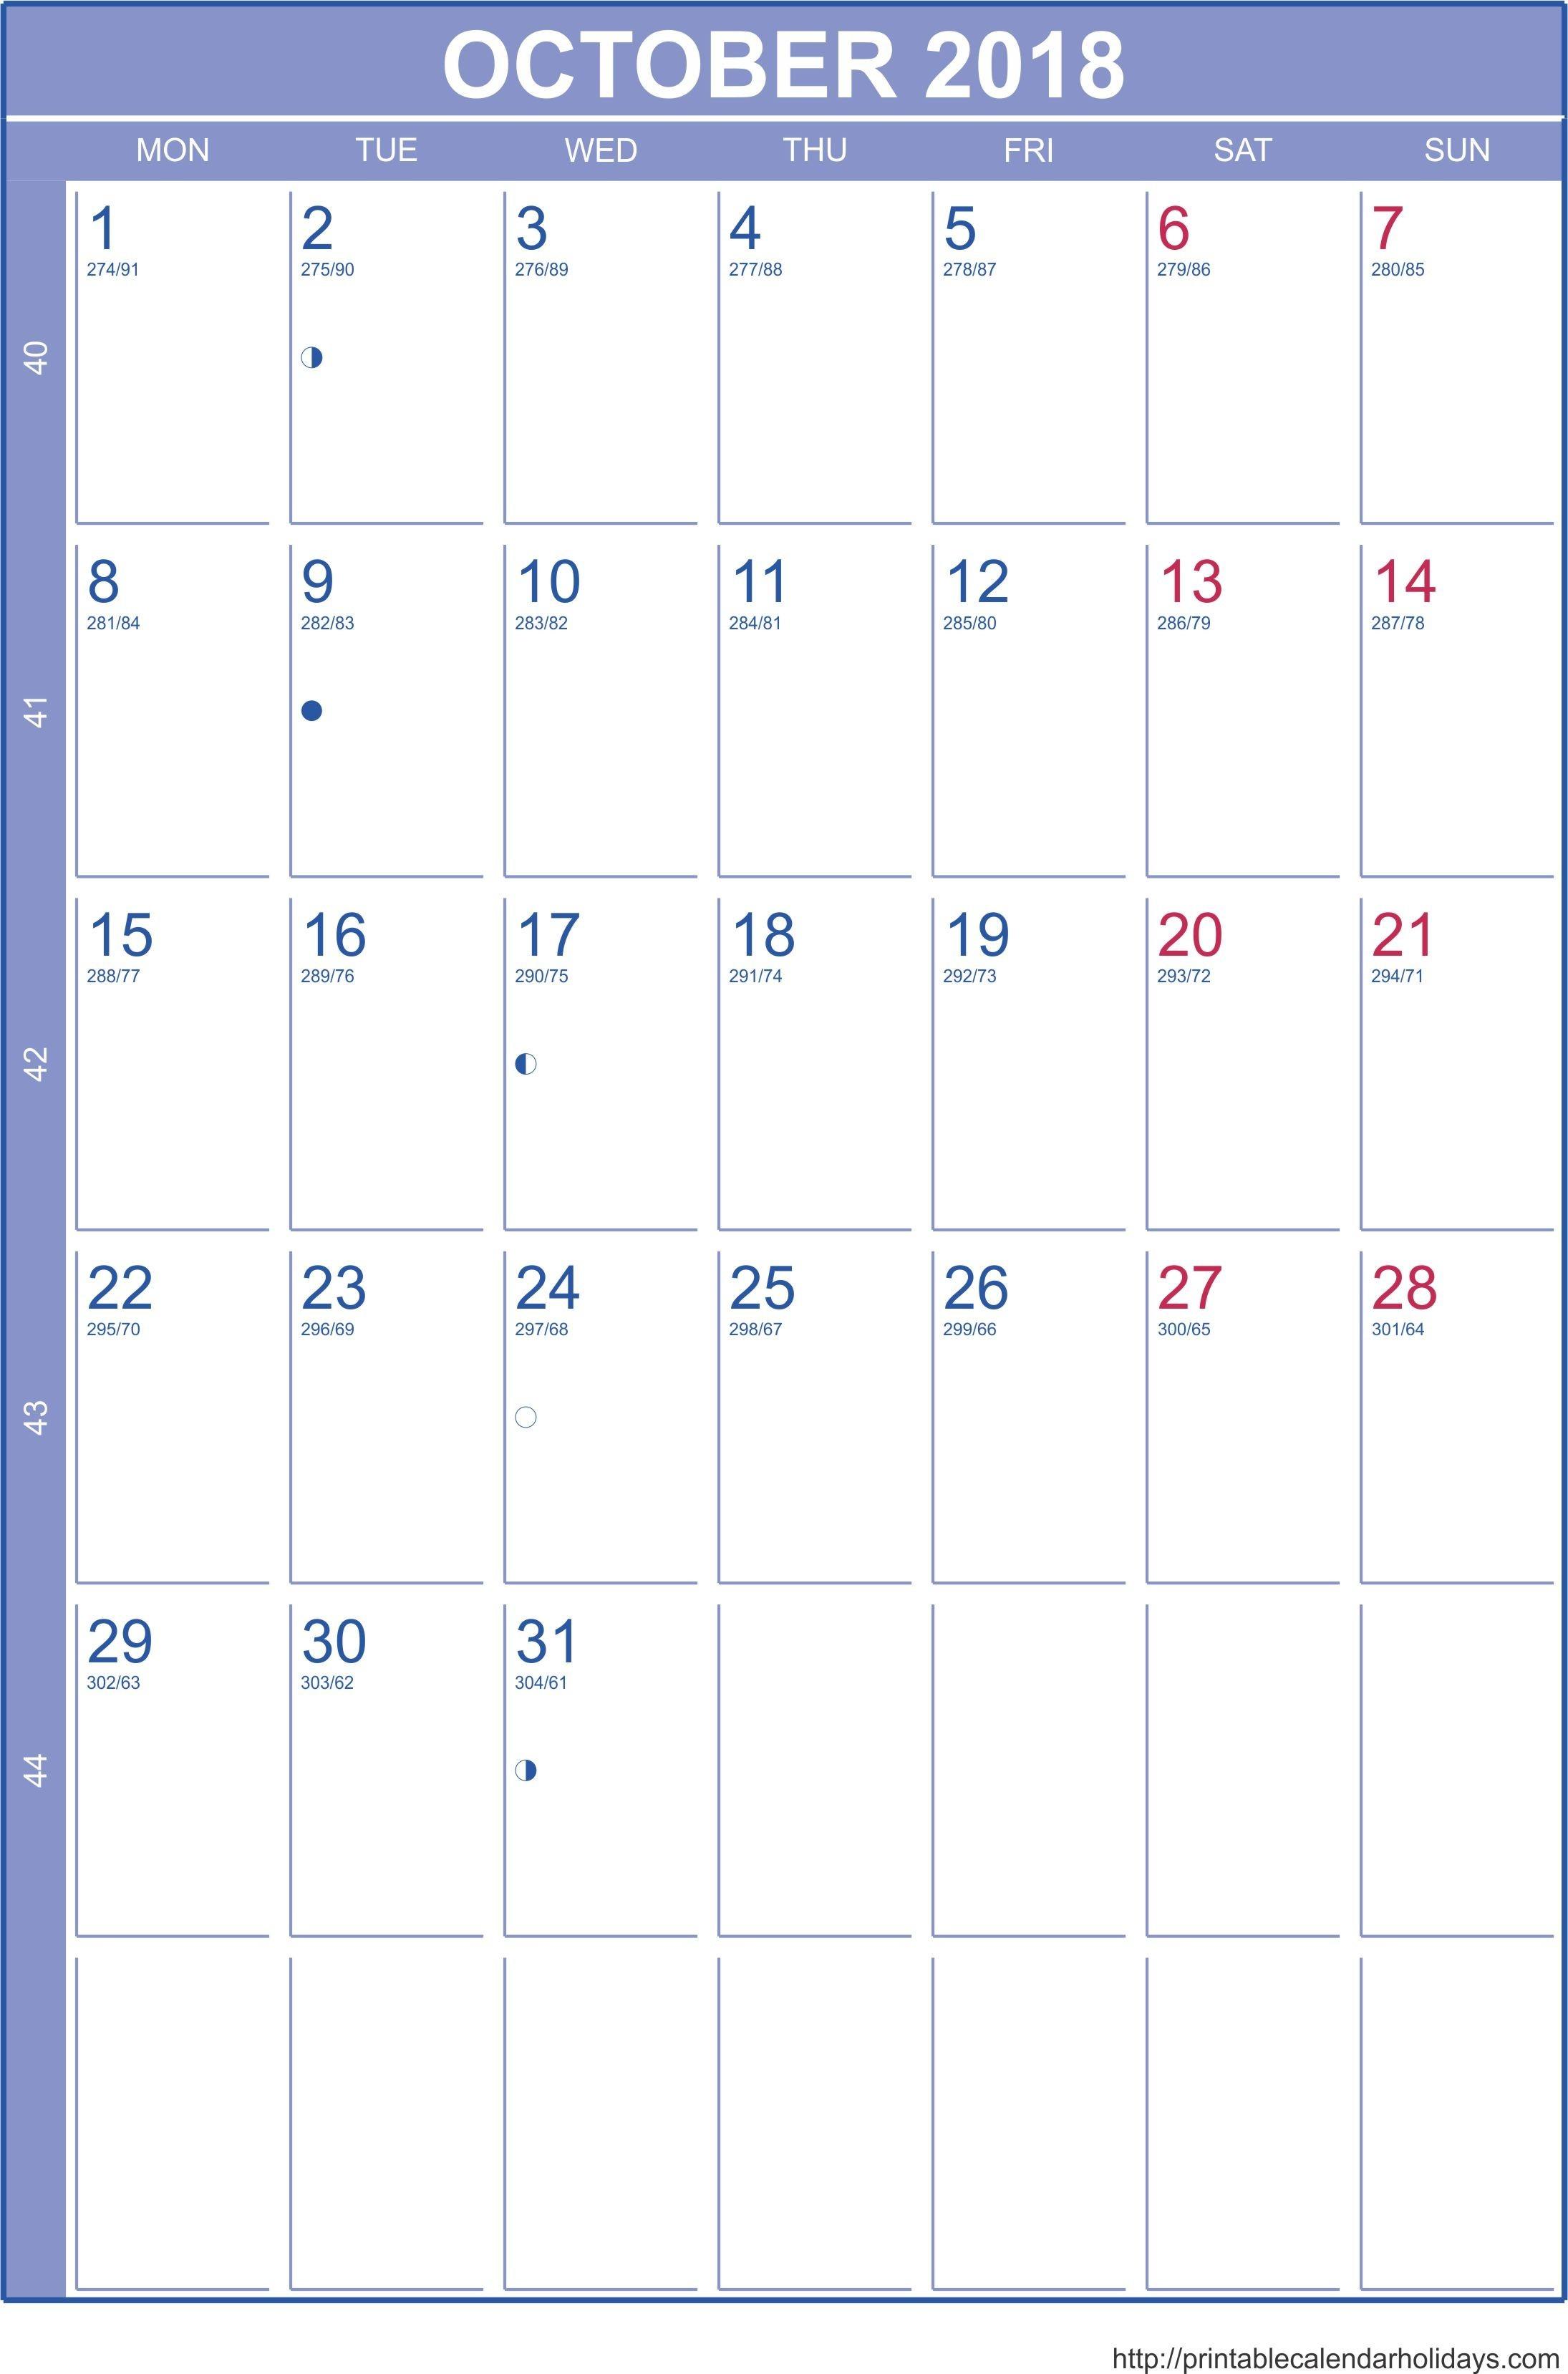 March 2019 Calendar Lala Ramswaroop Mejores Y Más Novedosos 2019 Calendar Template to Print Monthly Printable Calendar 2019 2019 Of March 2019 Calendar Lala Ramswaroop Más Recientemente Liberado Media to Get Lala Ramswaroop Calendar 2019 Pdf Download Calendar